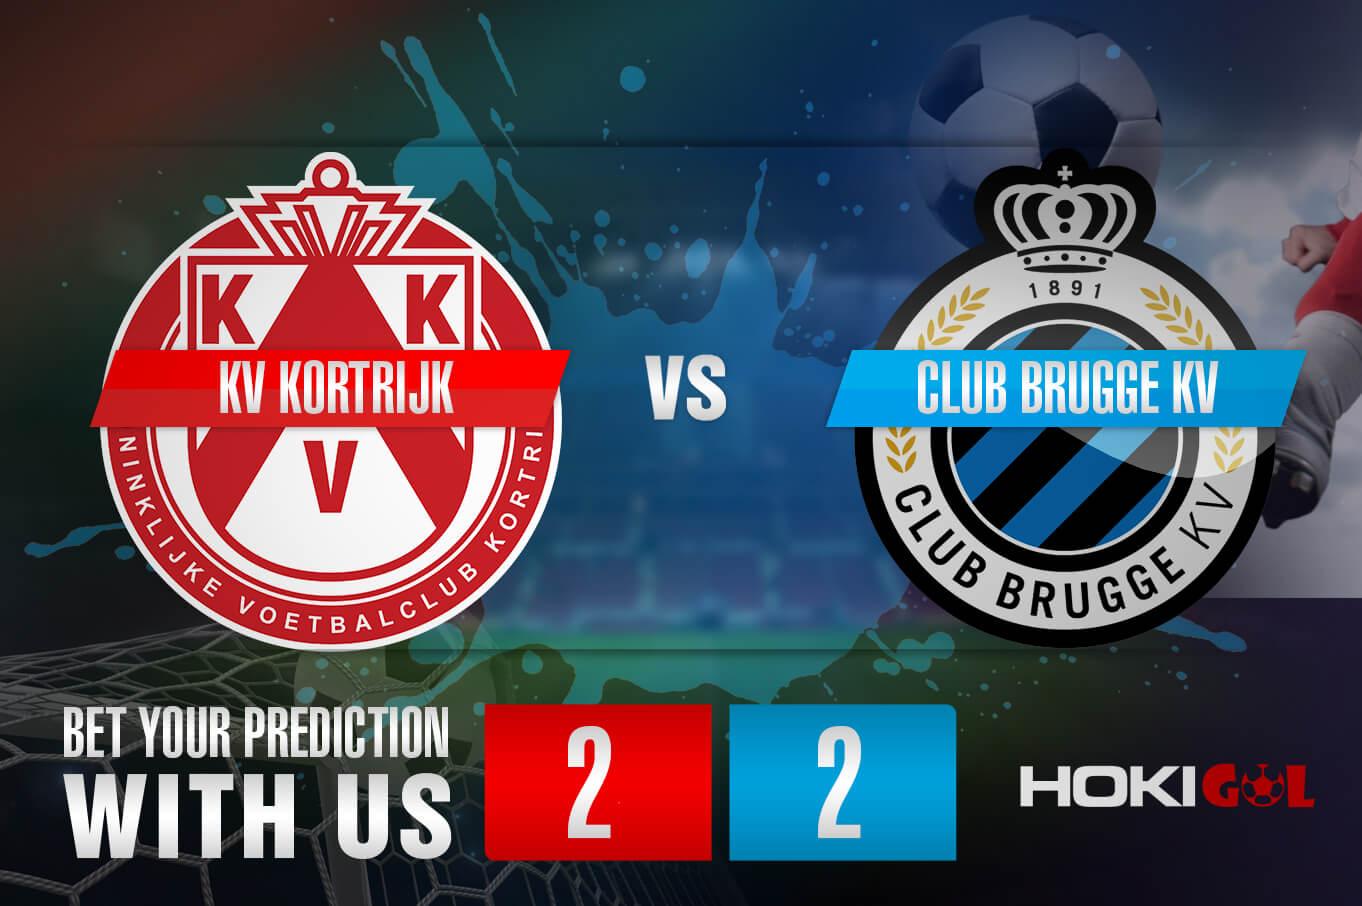 Prediksi Bola KV Kortrijk Vs Club Brugge KV 4 April 2021